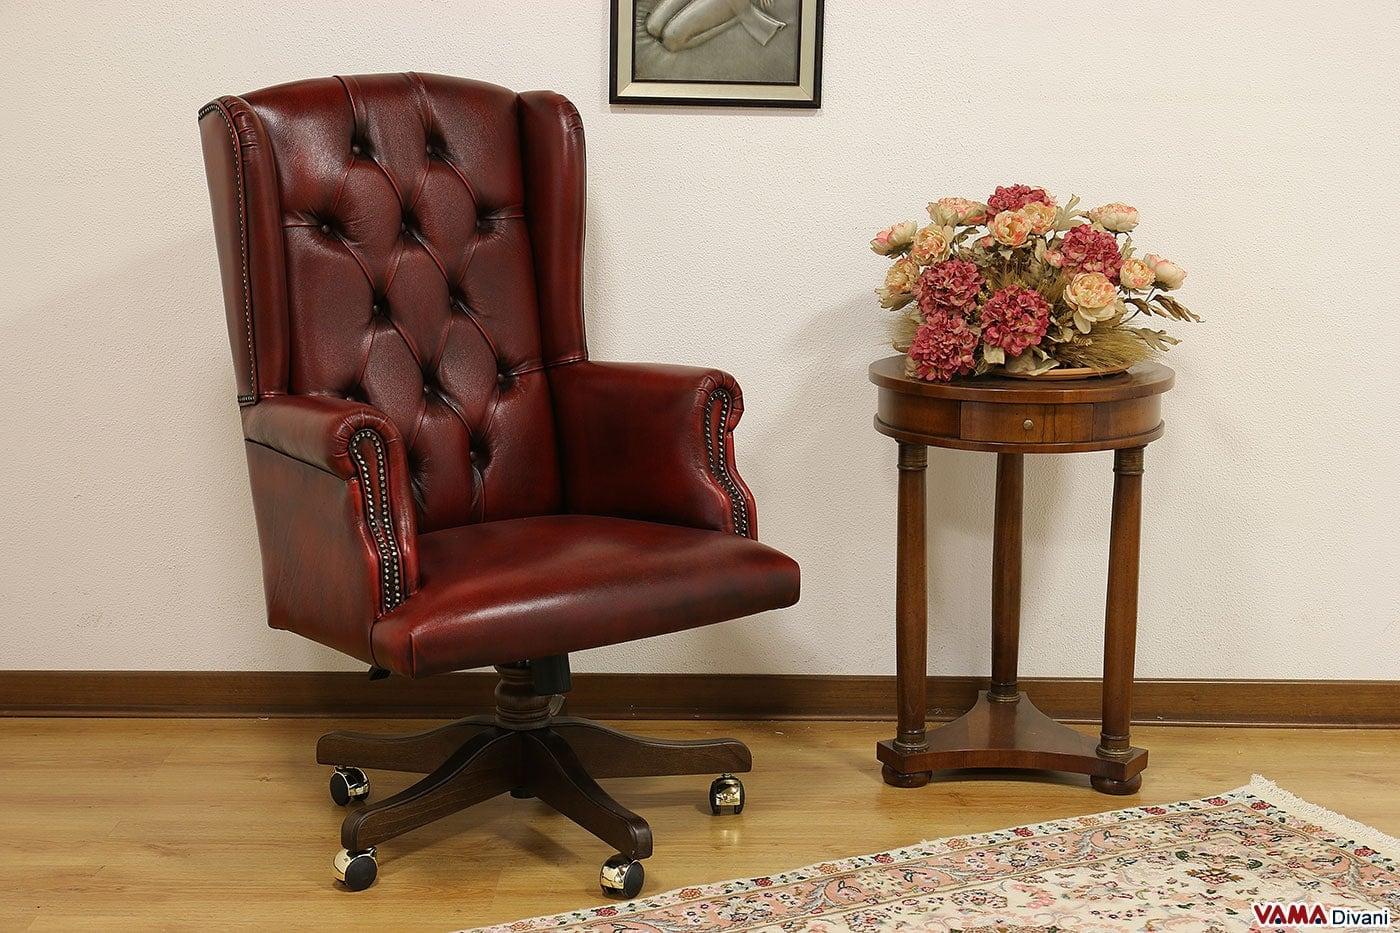 Sedie Da Ufficio In Pelle : Poltrona da ufficio sofia vama divani